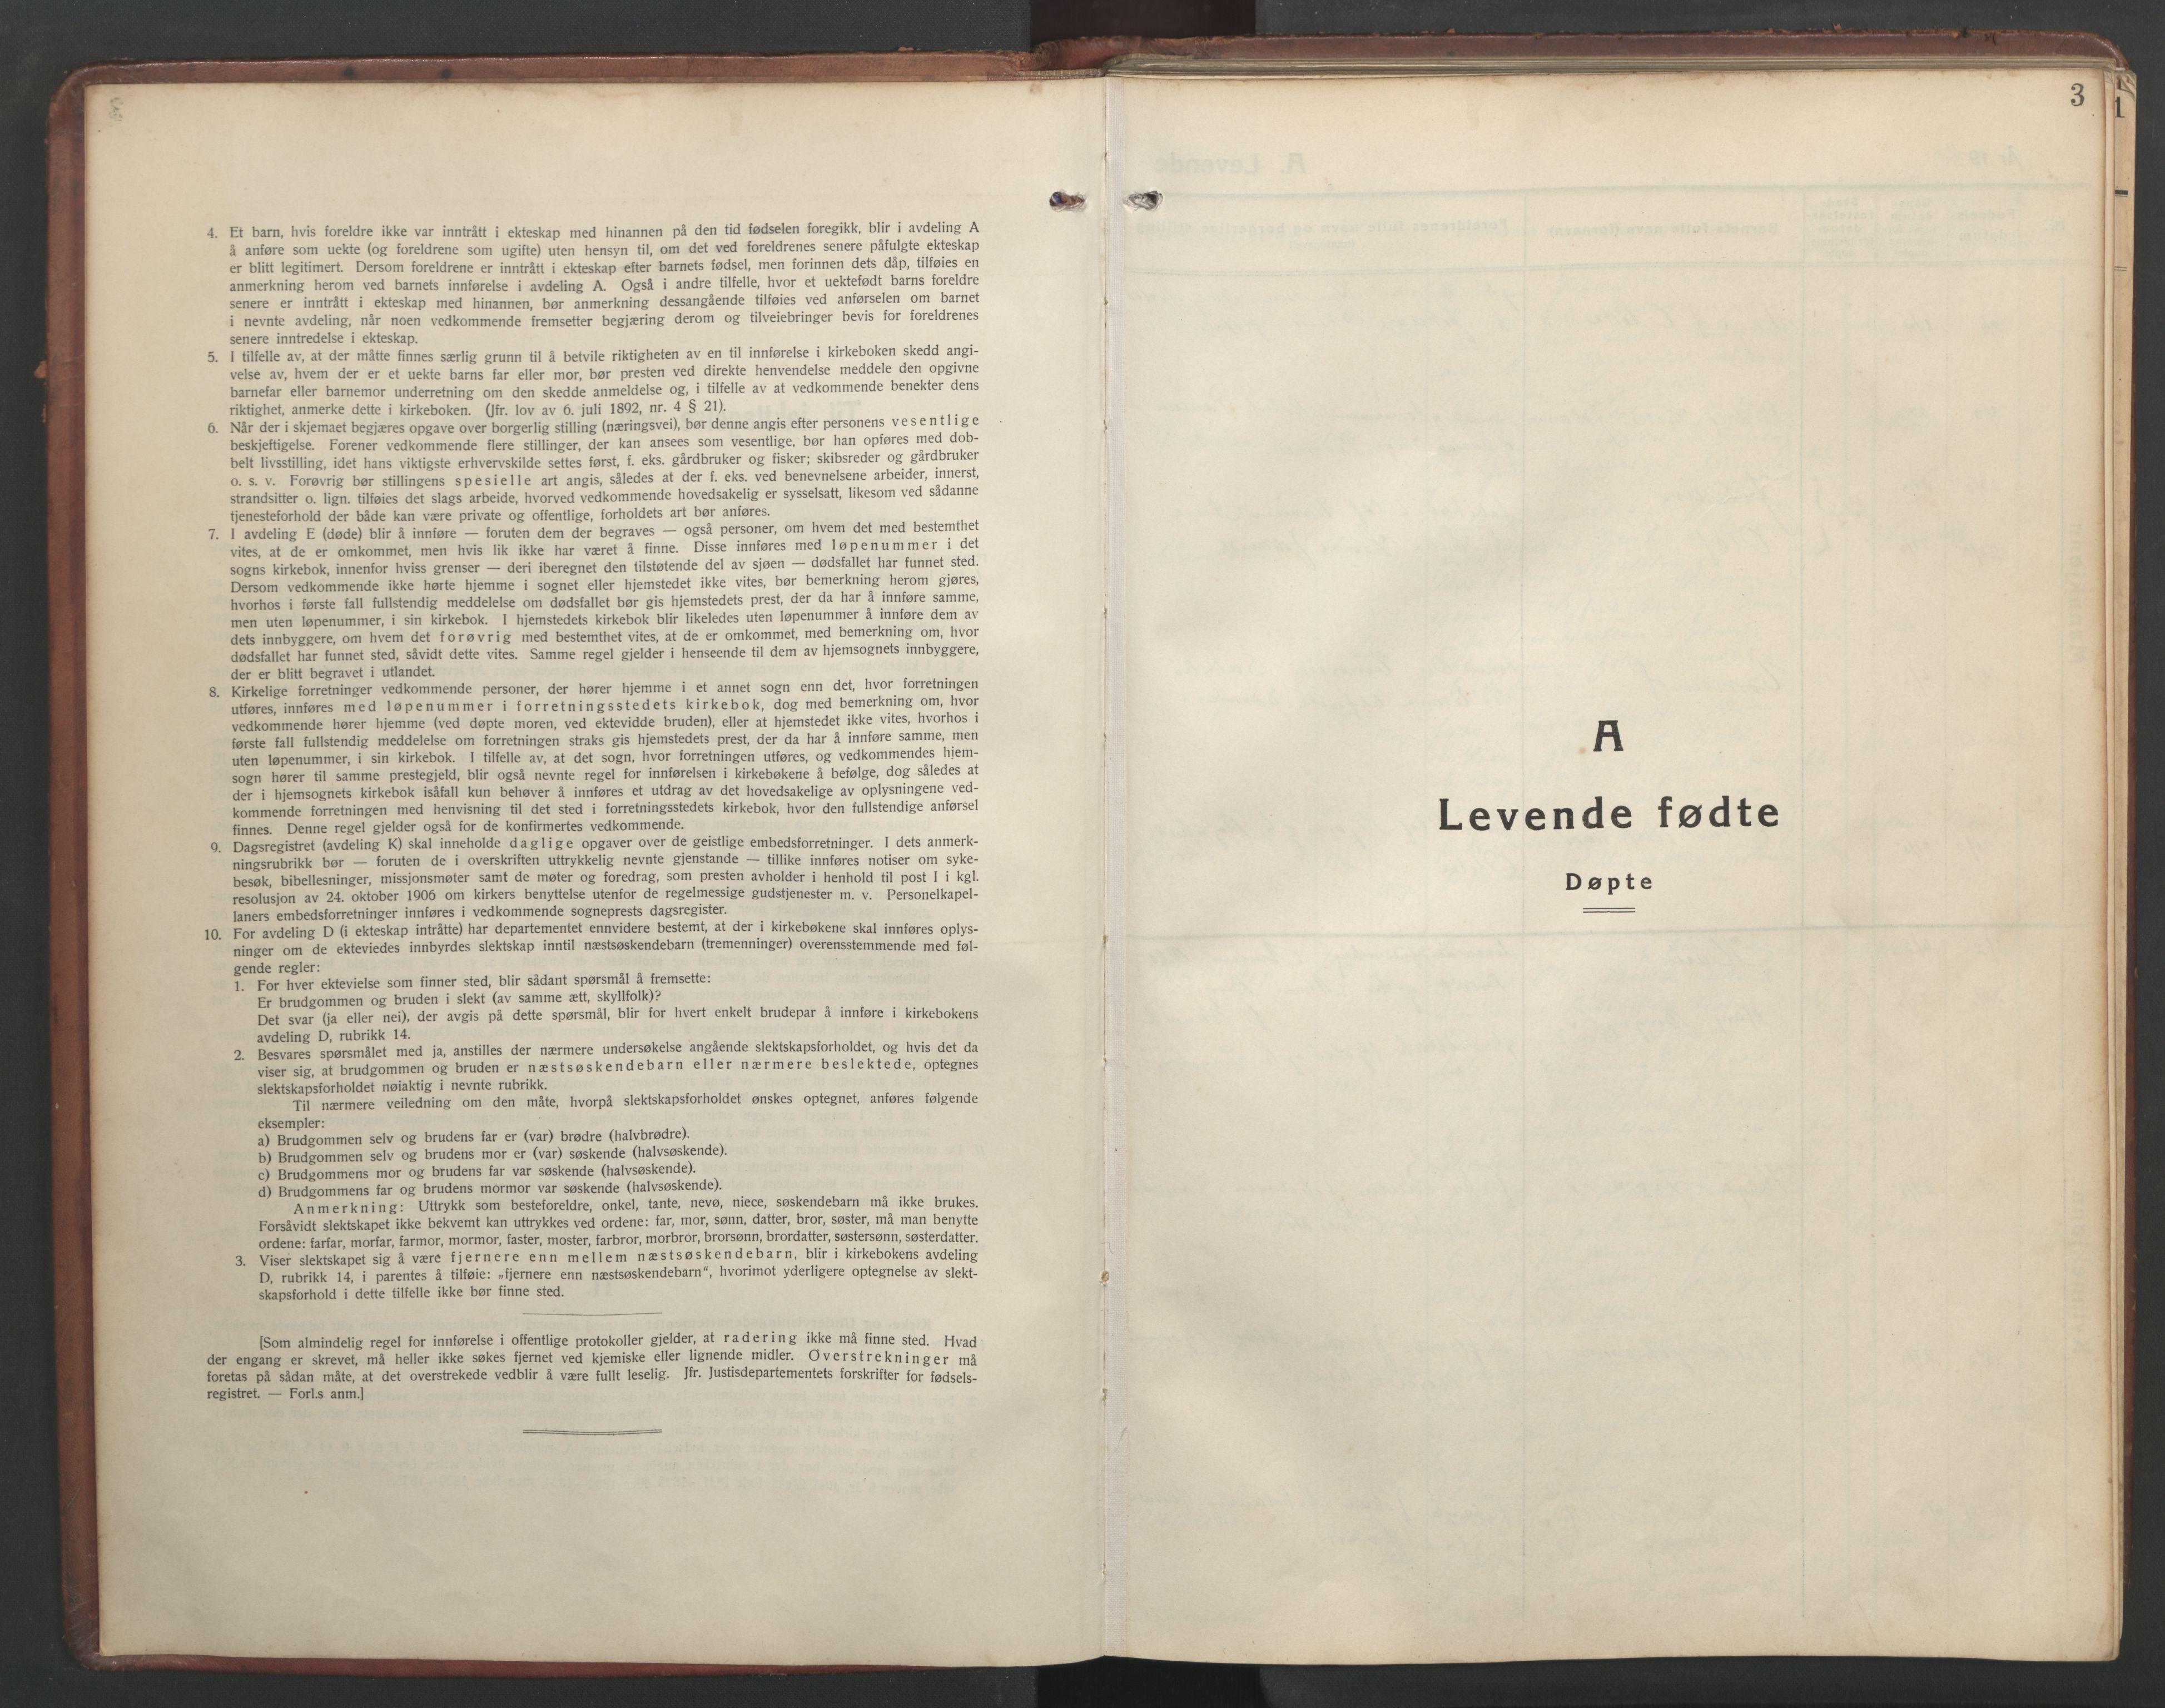 SAT, Ministerialprotokoller, klokkerbøker og fødselsregistre - Sør-Trøndelag, 634/L0544: Klokkerbok nr. 634C06, 1927-1948, s. 3